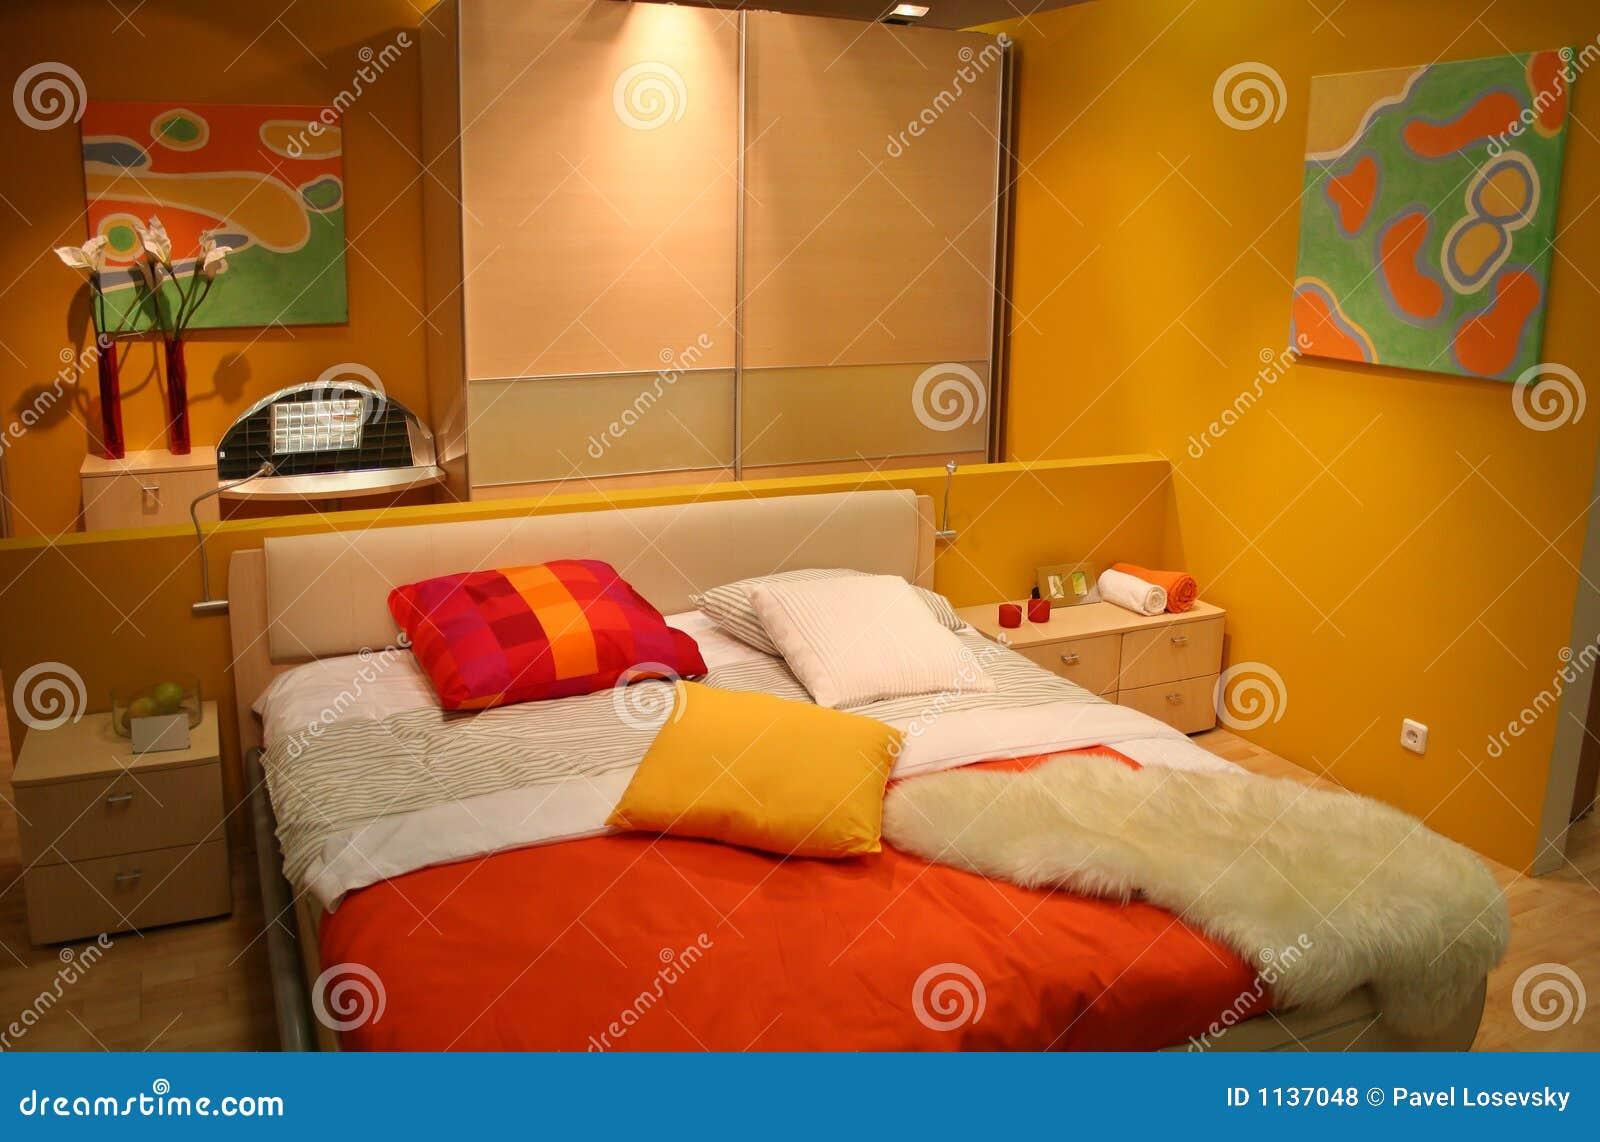 Chambre à coucher jaune photos libres de droits   image: 1137048